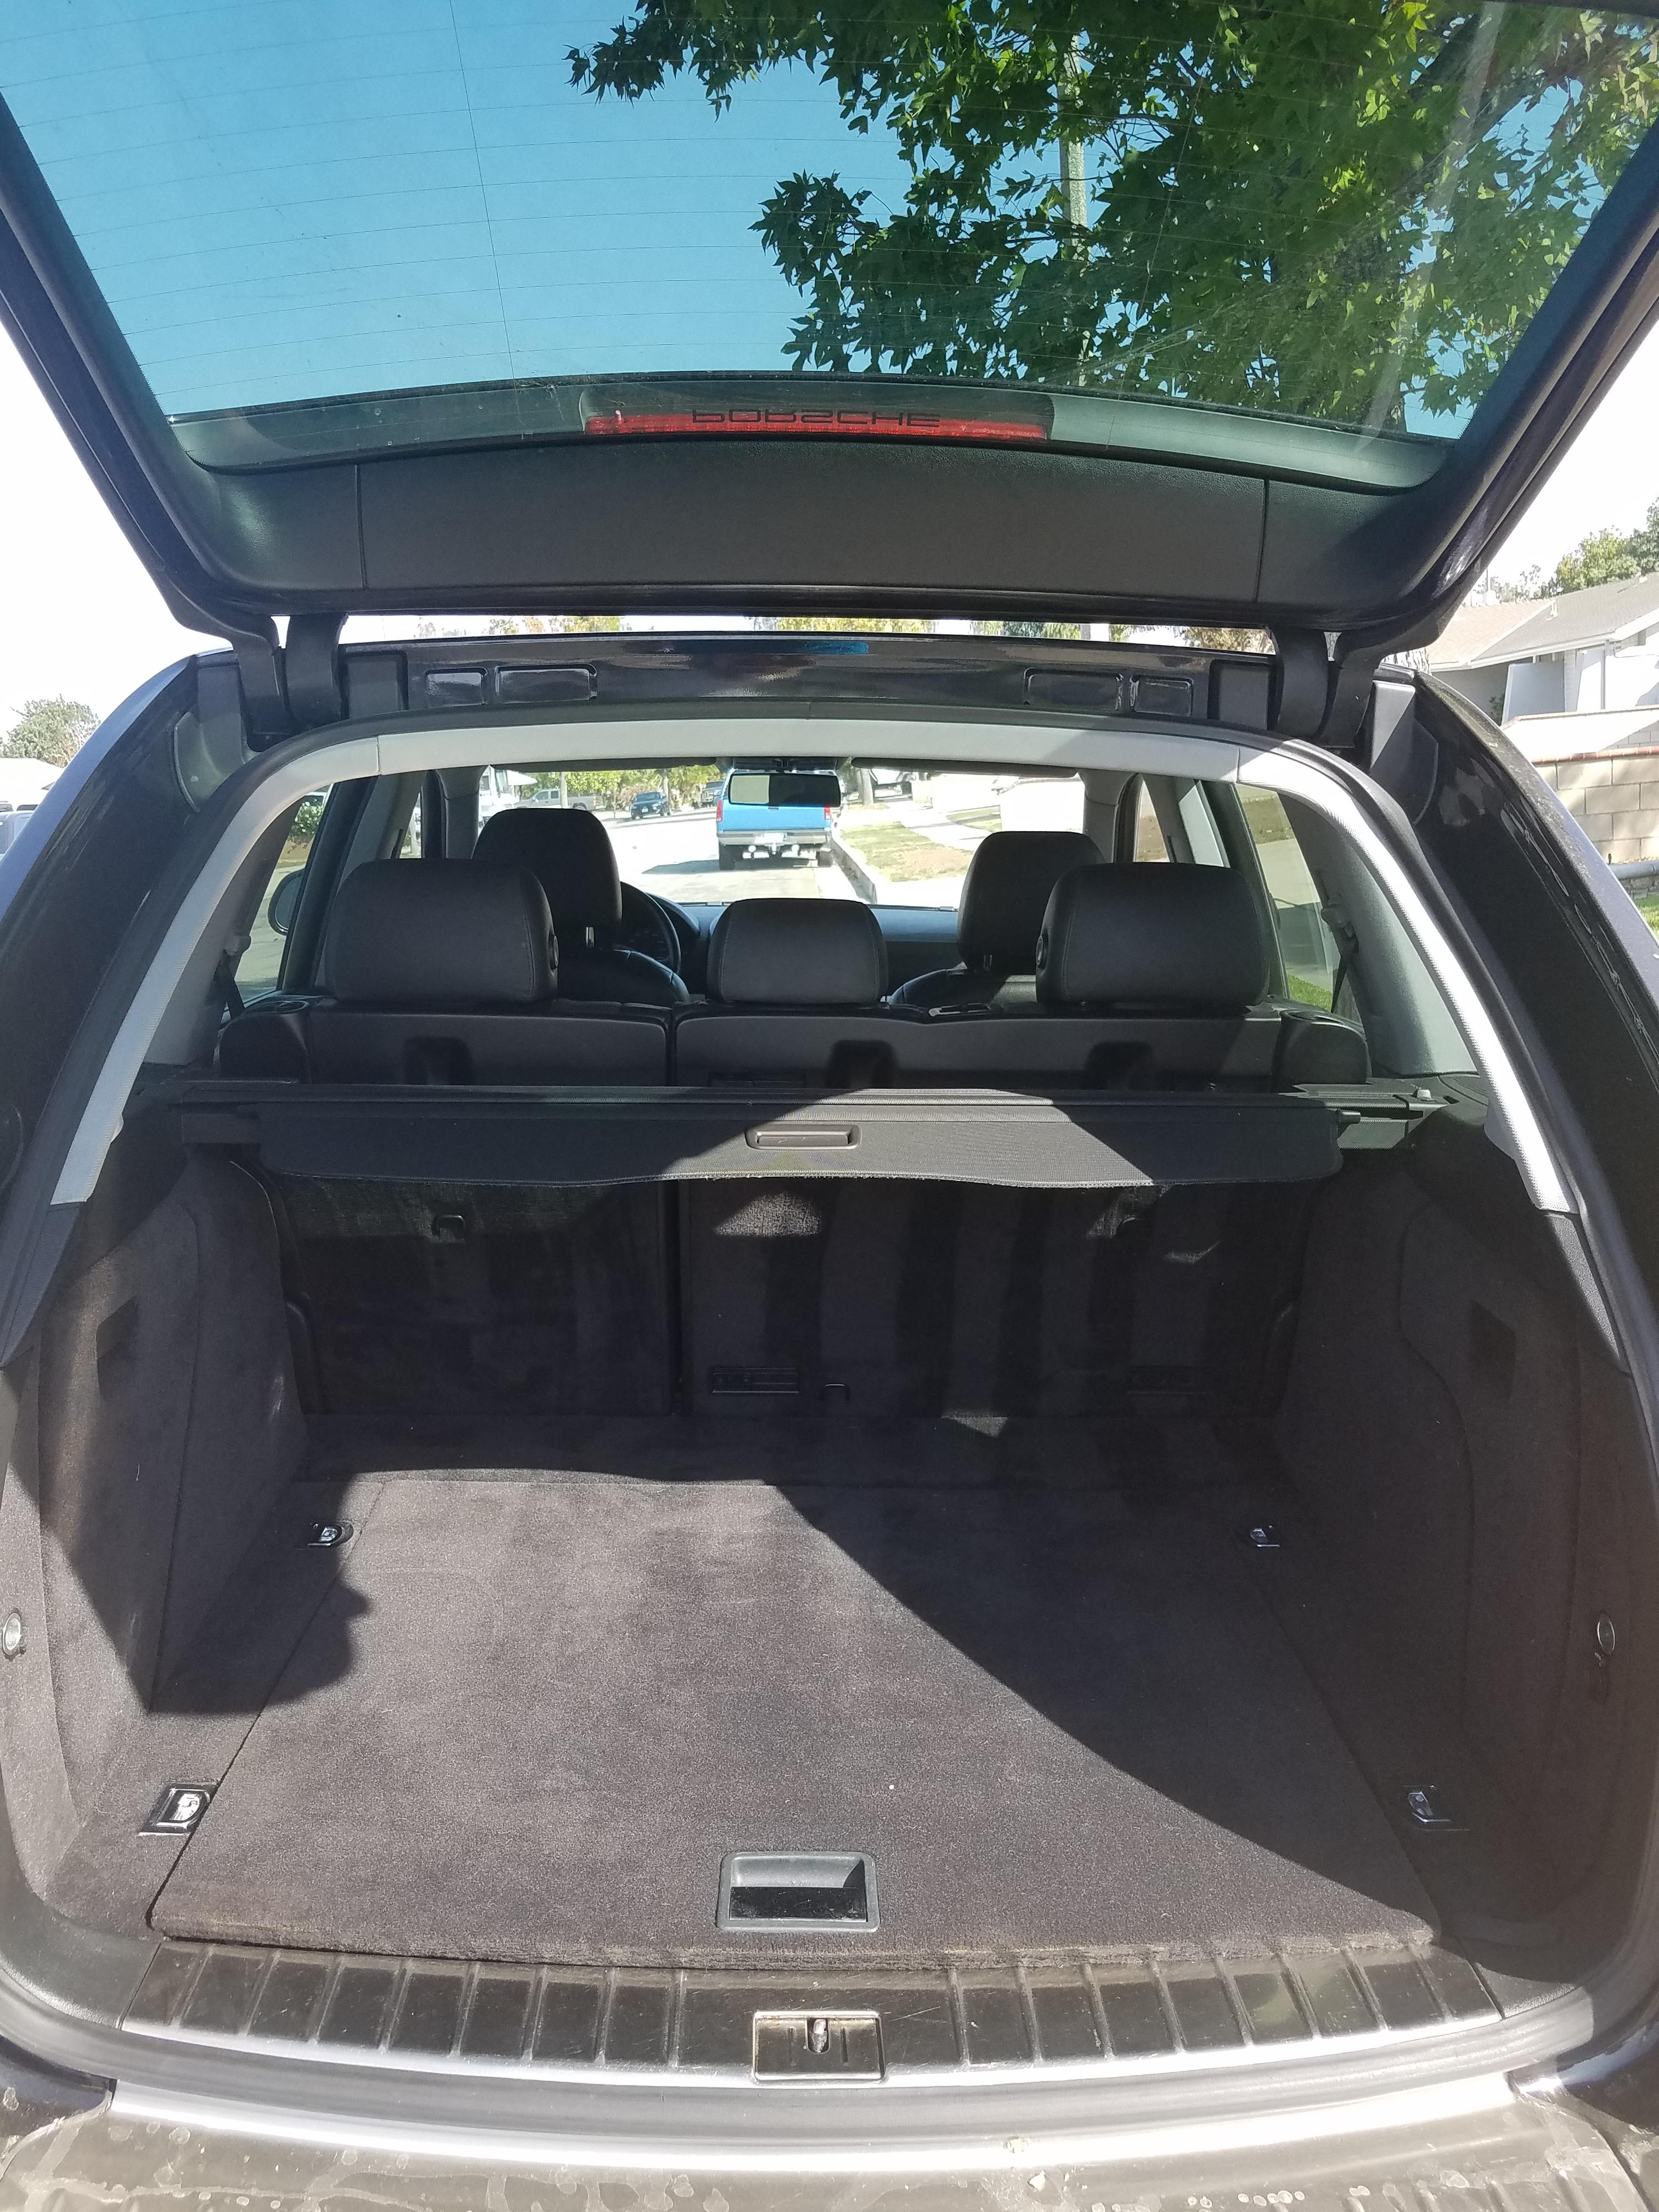 Clean Porsche Cayenne - $4800 obo